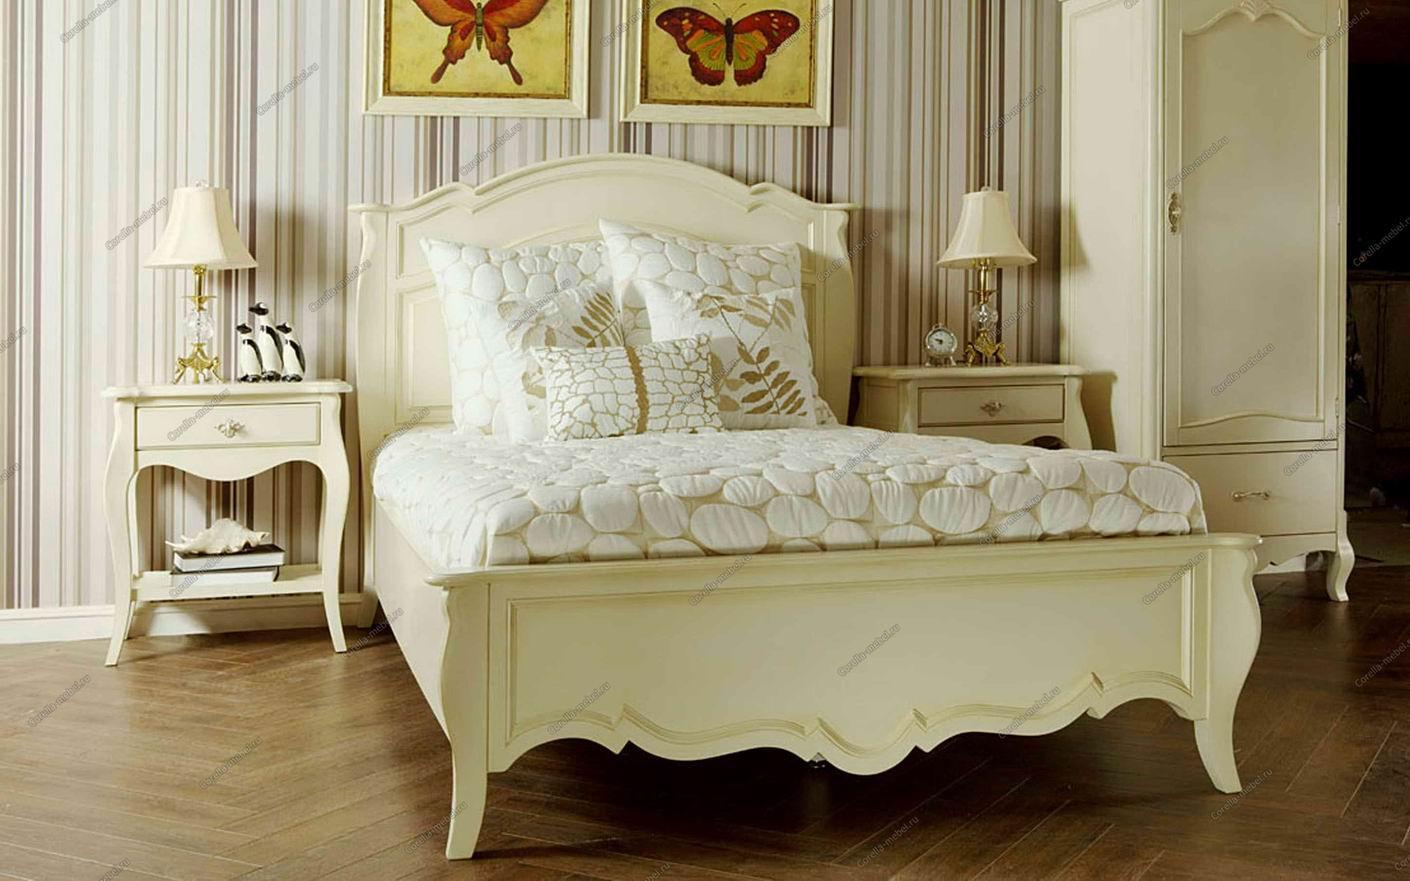 Кровать в стиле прованс своими руками